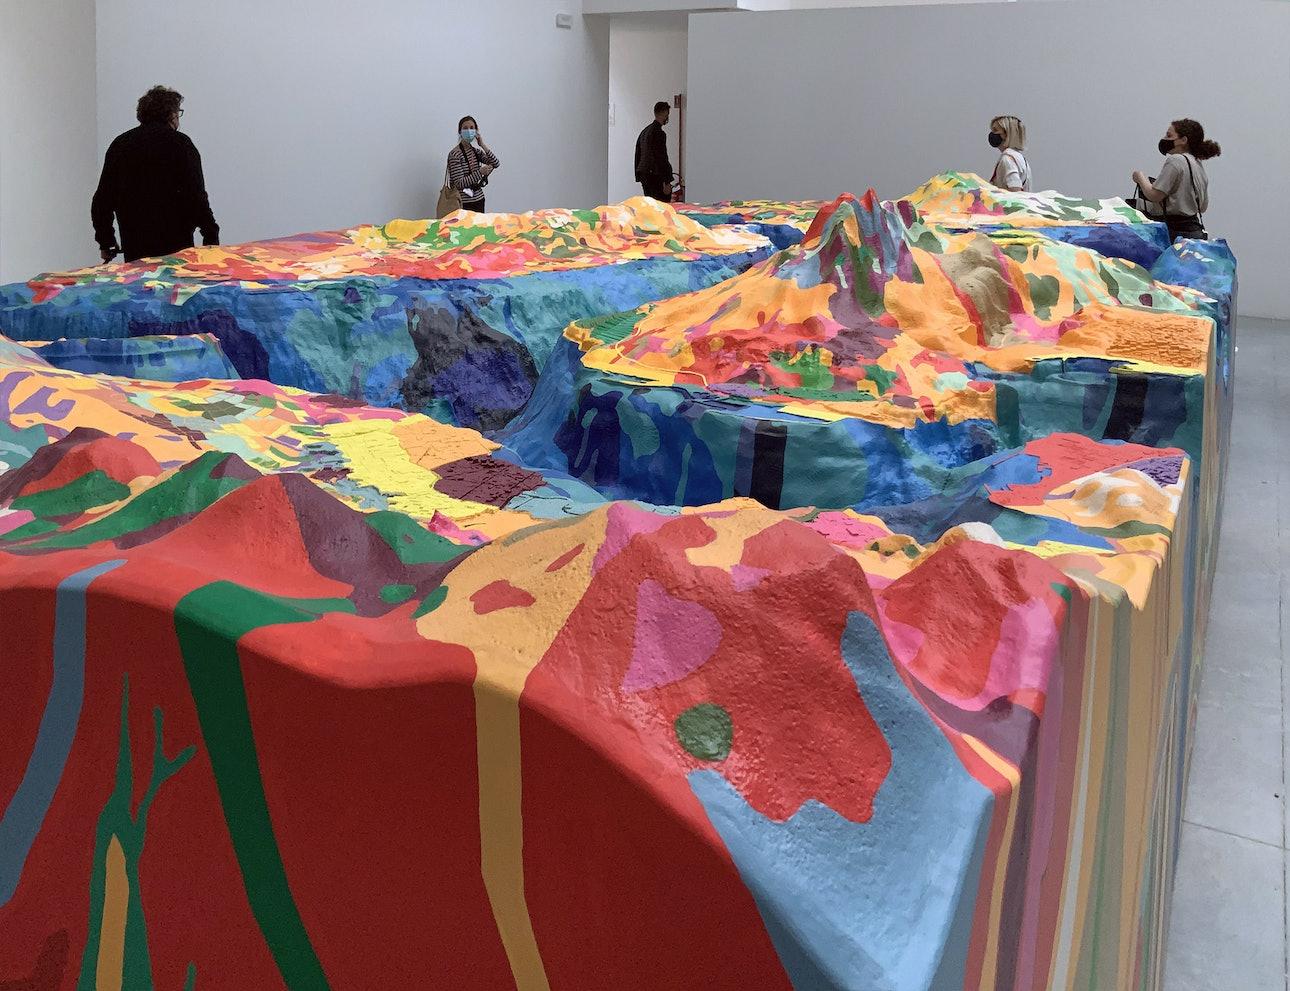 Экспозиция «Мир, вывернутый наизнанку» (авторы Джойс Сян и Бимал Мендис) в павильоне, посвященном выставке «Как мы будем жить вместе?»